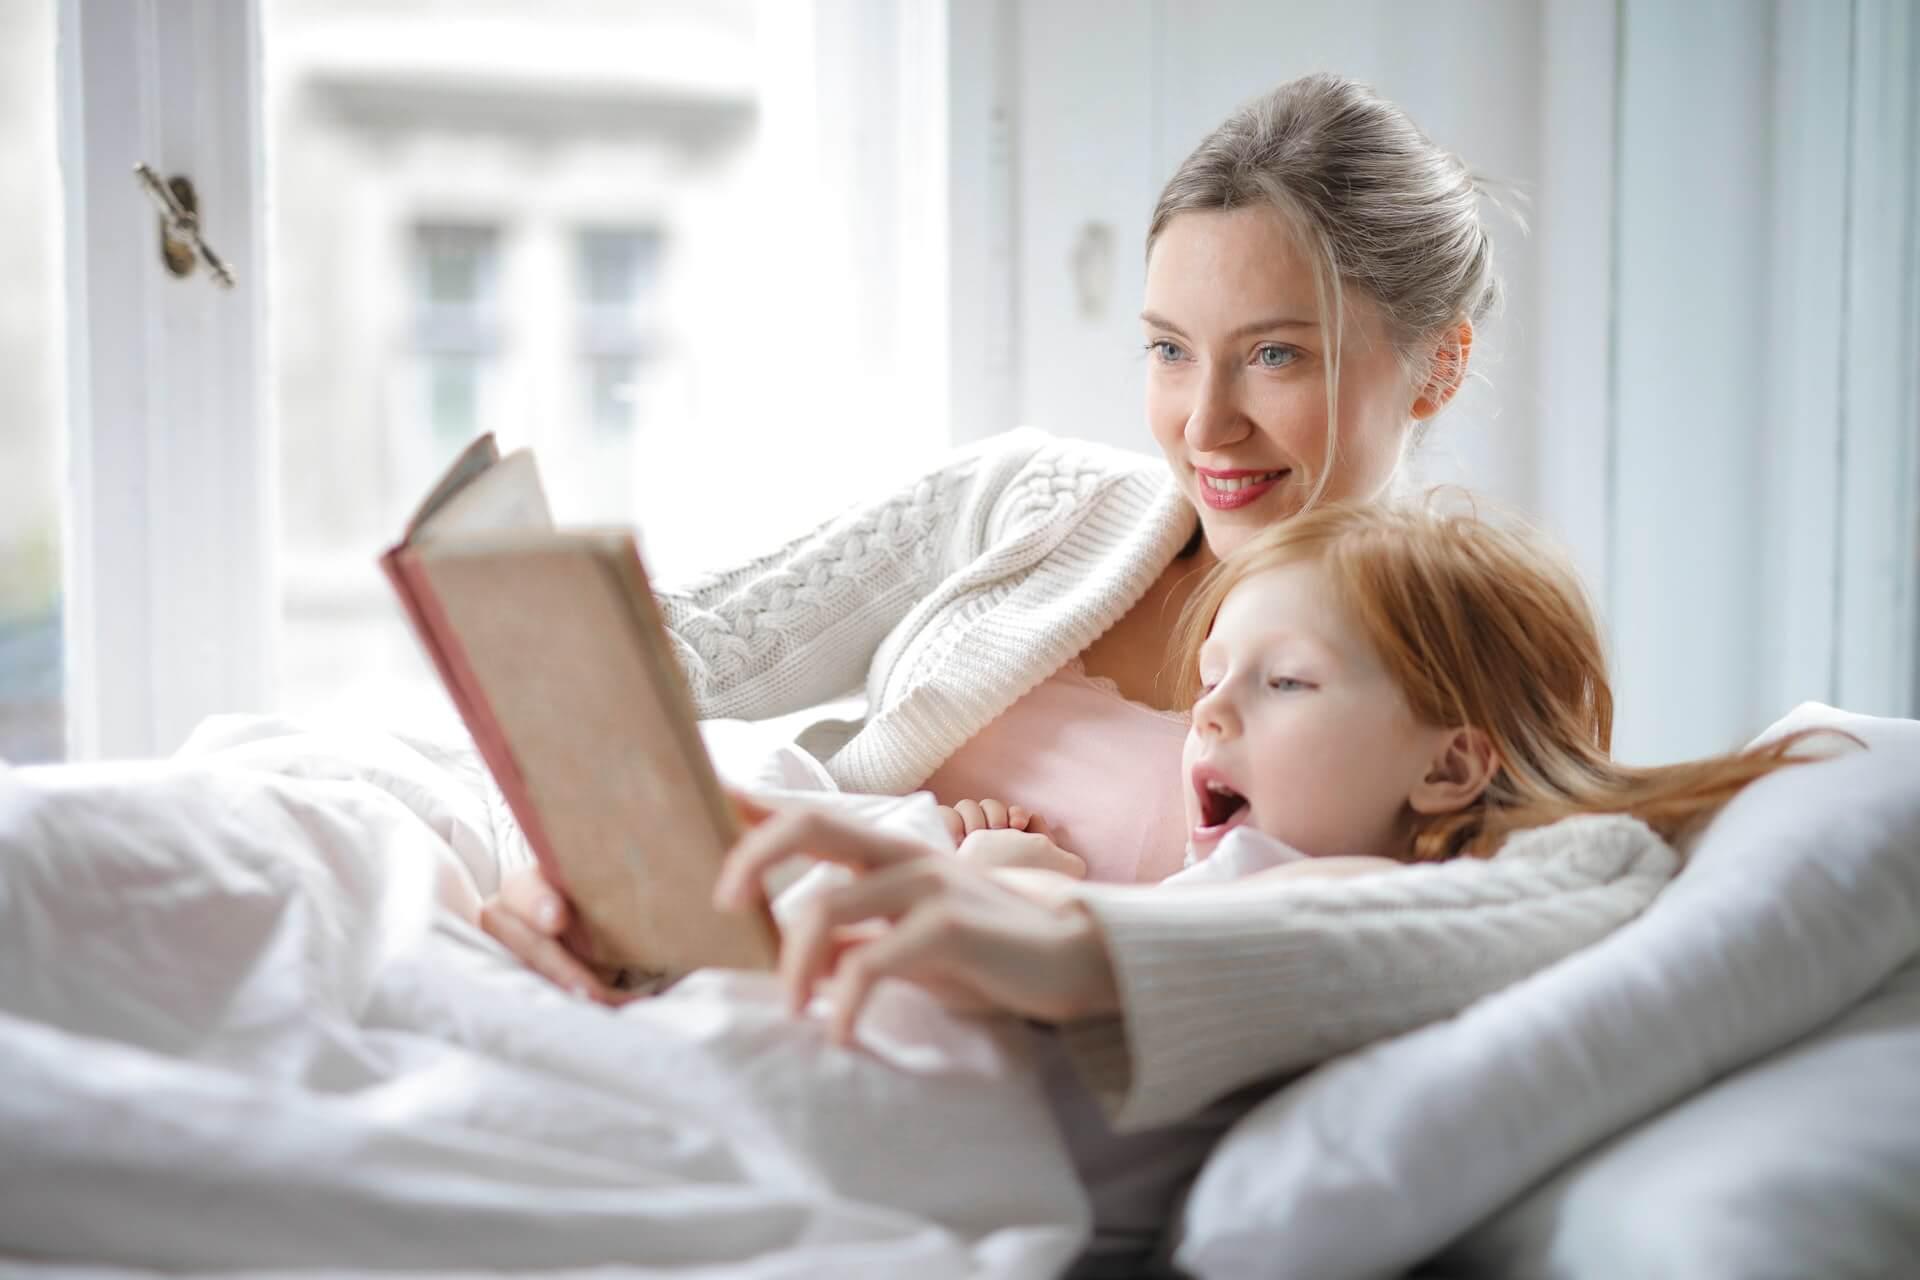 Veselé rozprávky: Top 3 príbehy, ktoré si pamätáte z detstva aj vy